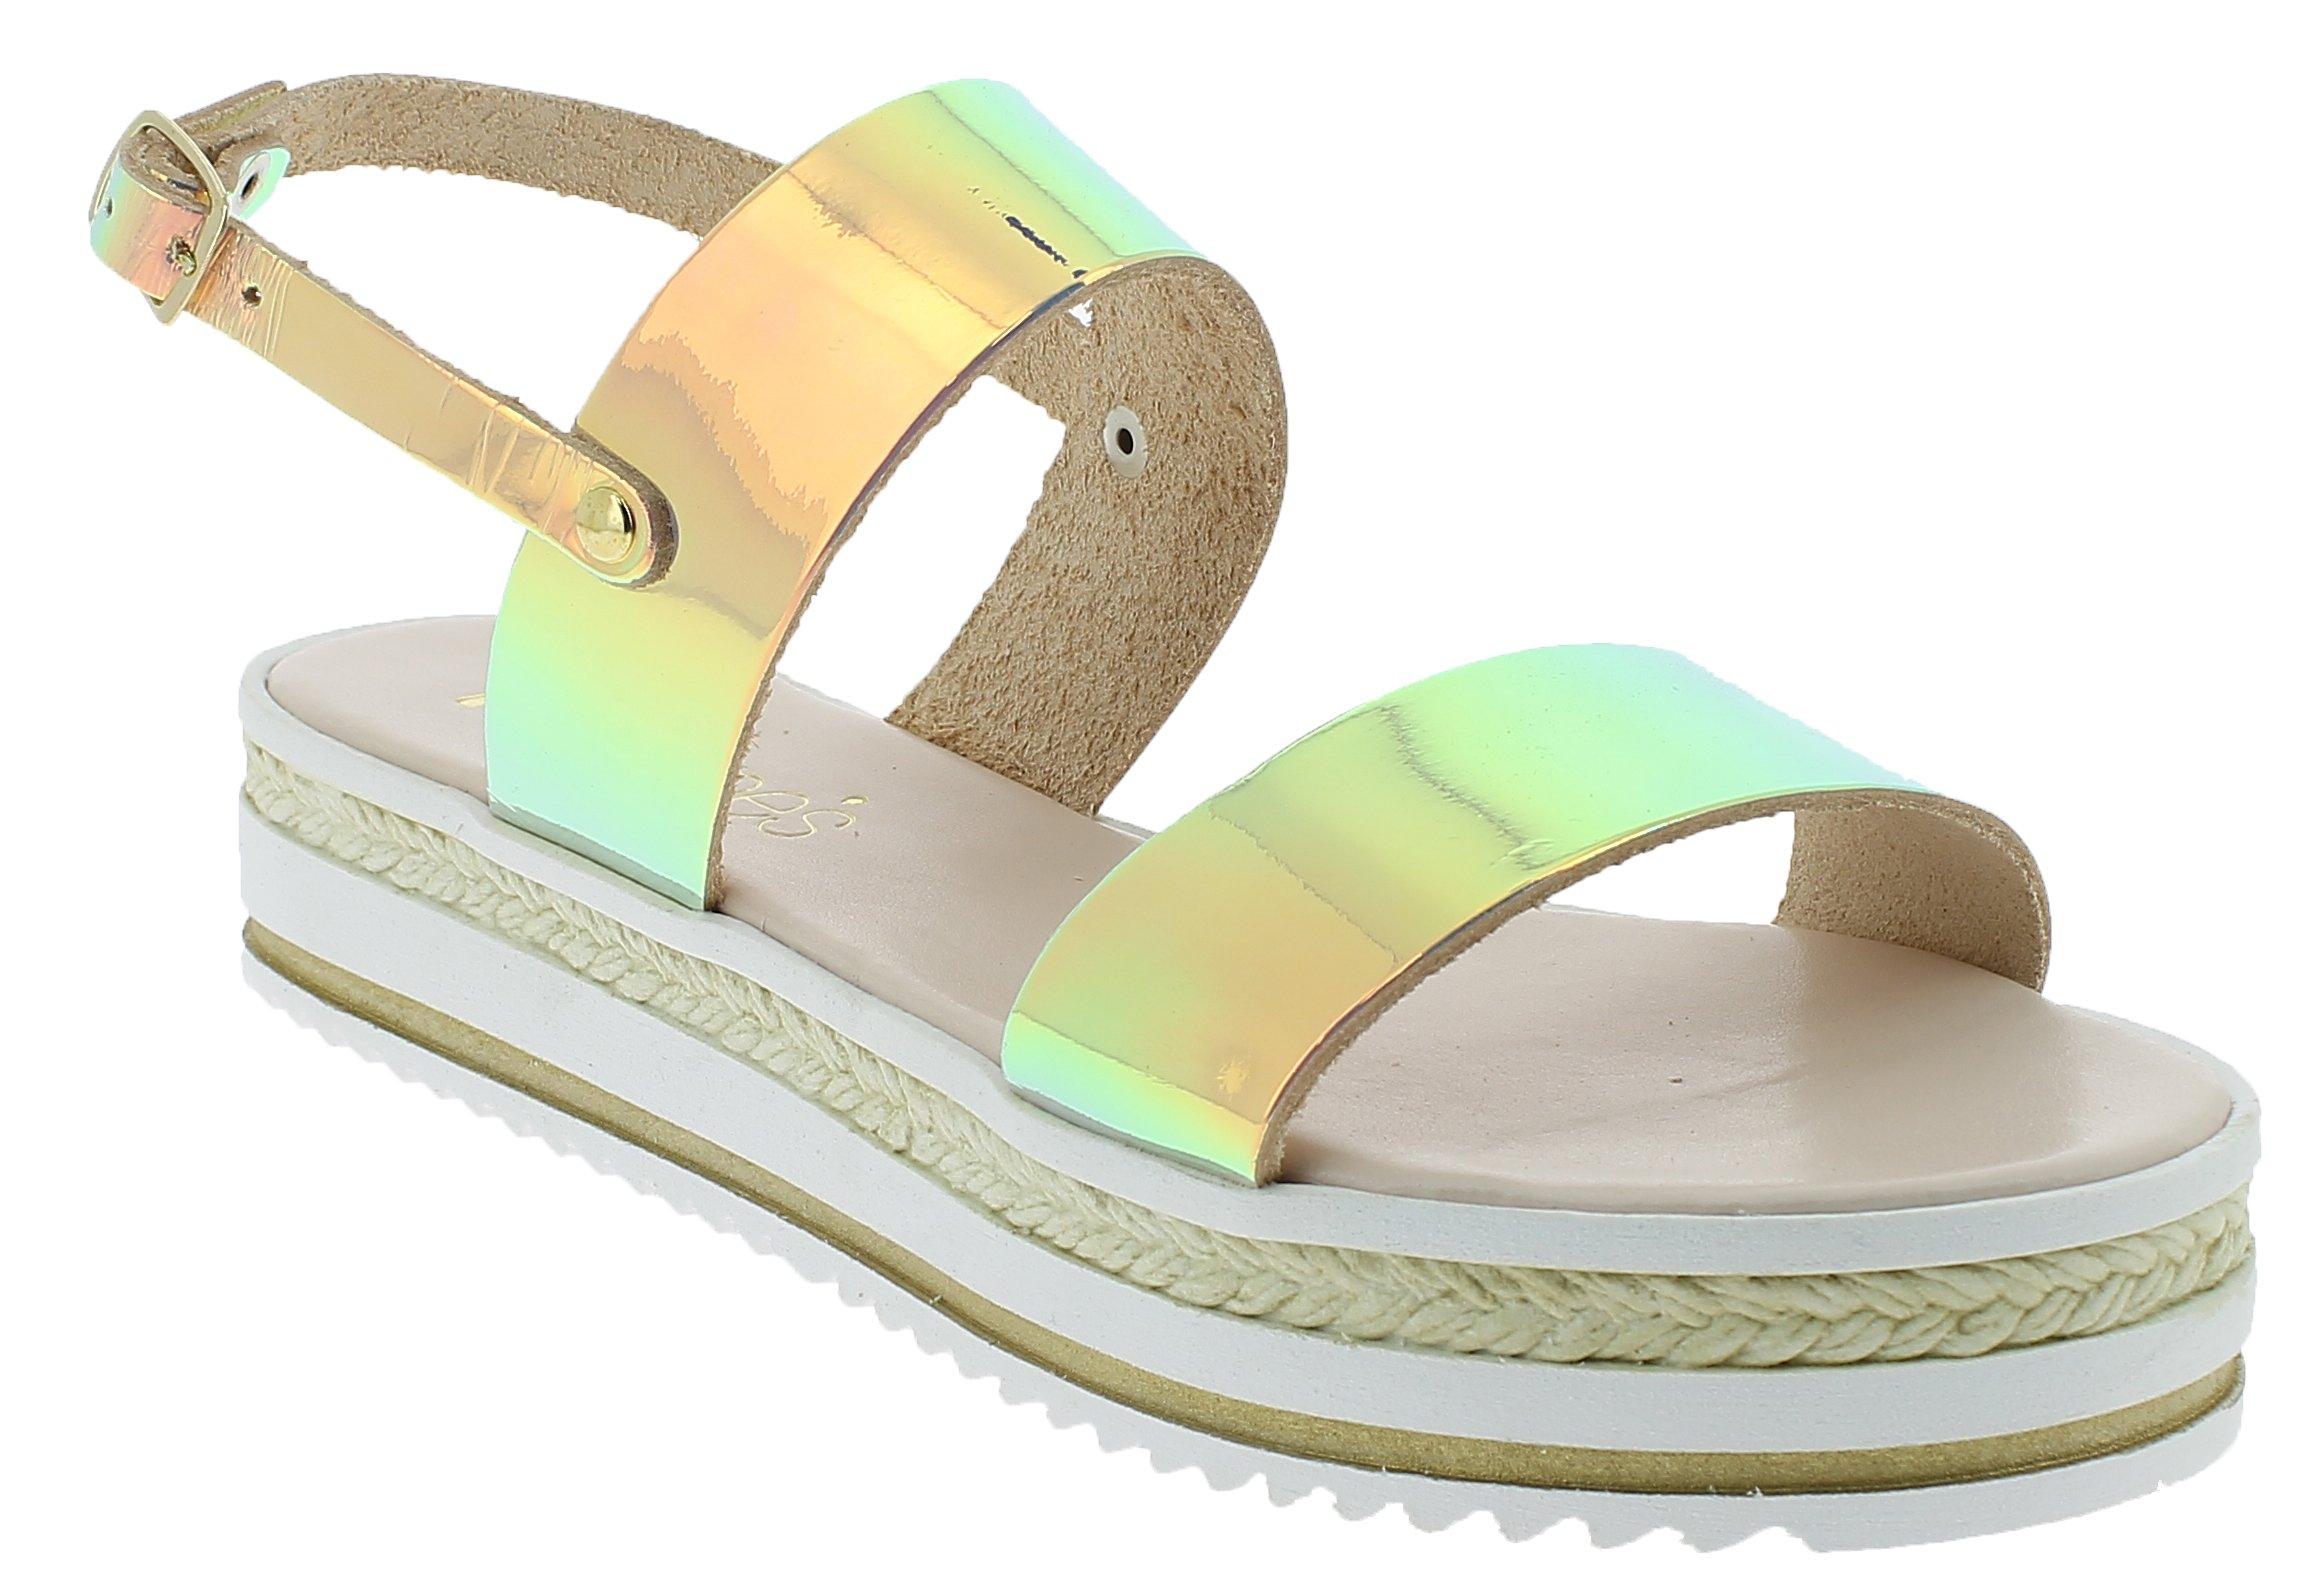 Γυναικείο Πέδιλο B86T Μπεζ - IqShoes - 50.B86T Caramel 40/1/7/8 παπούτσια  προσφορεσ